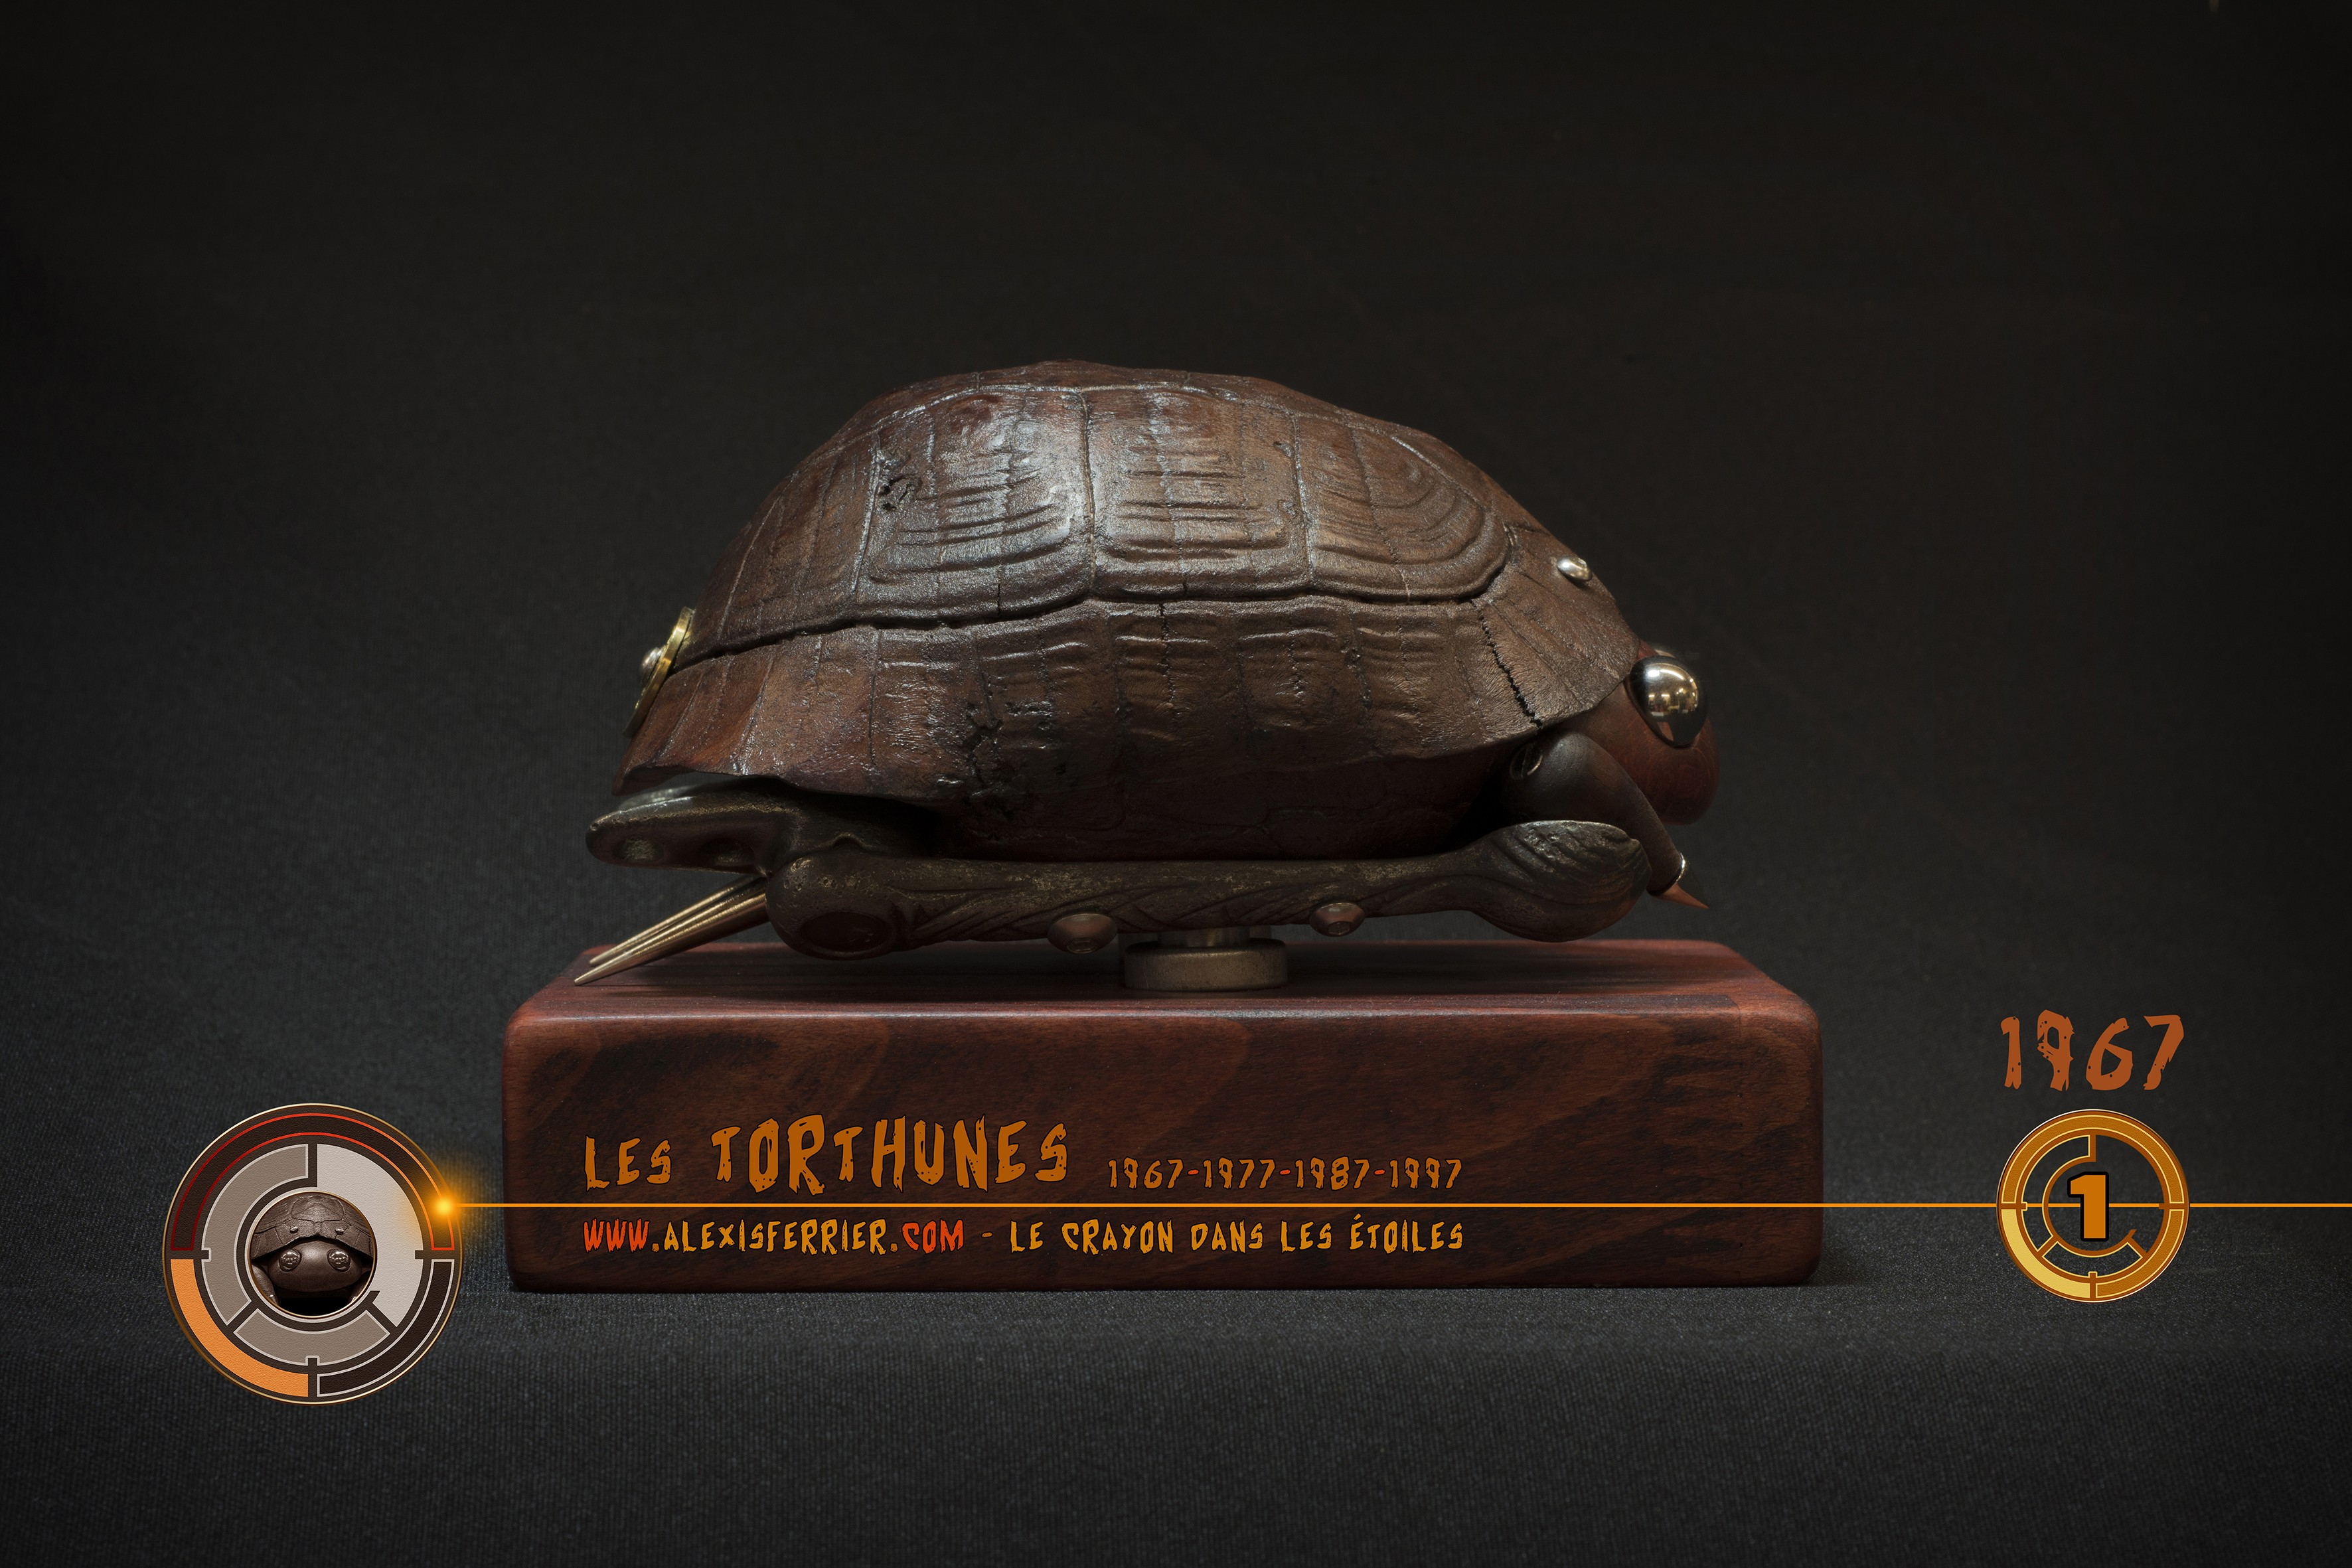 Tortune 1c profile